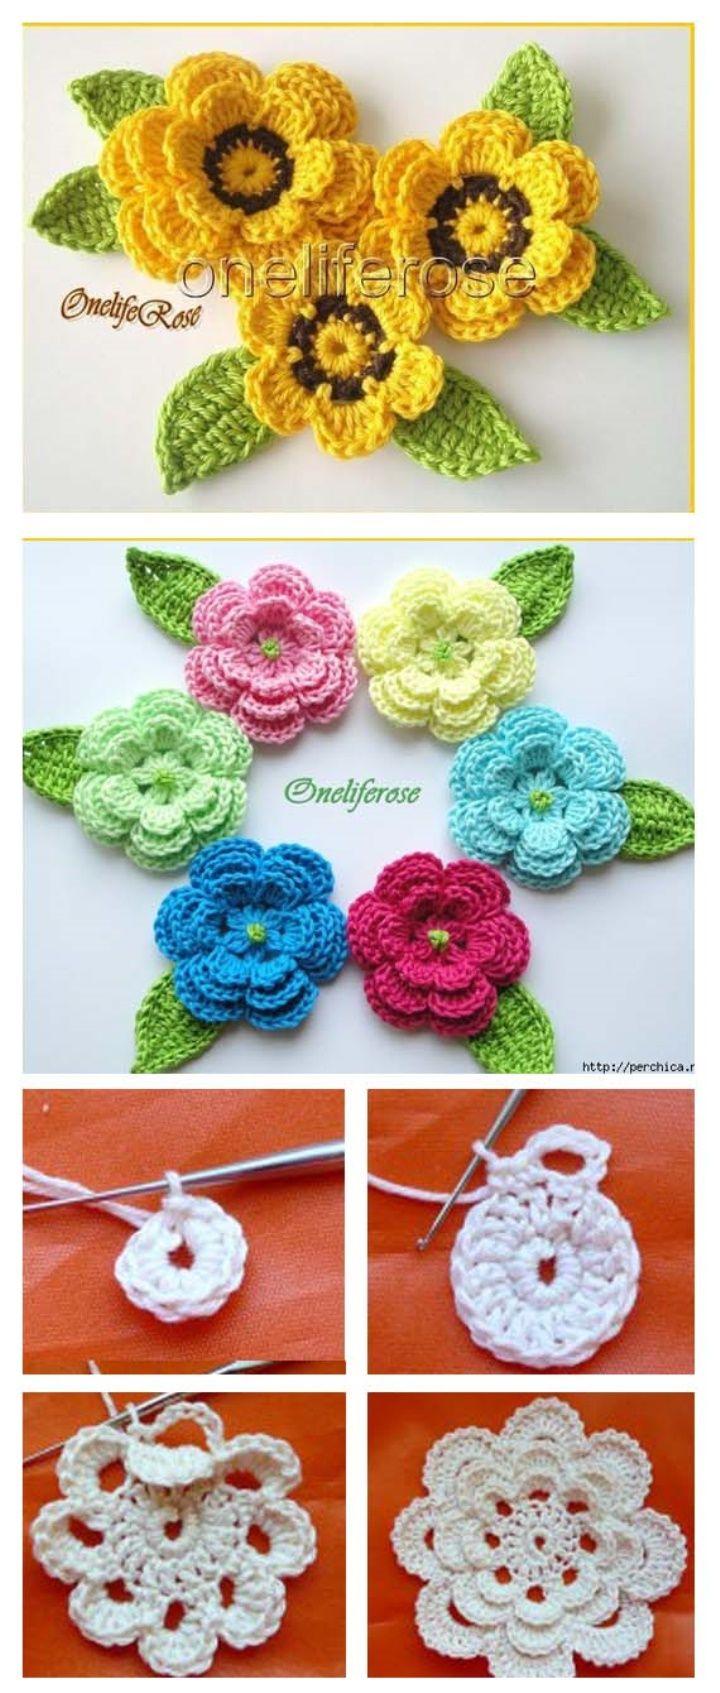 MASTERCLASS AND IRISH CROCHET ROSE SCHEMES #crochet #crochetaddict ...